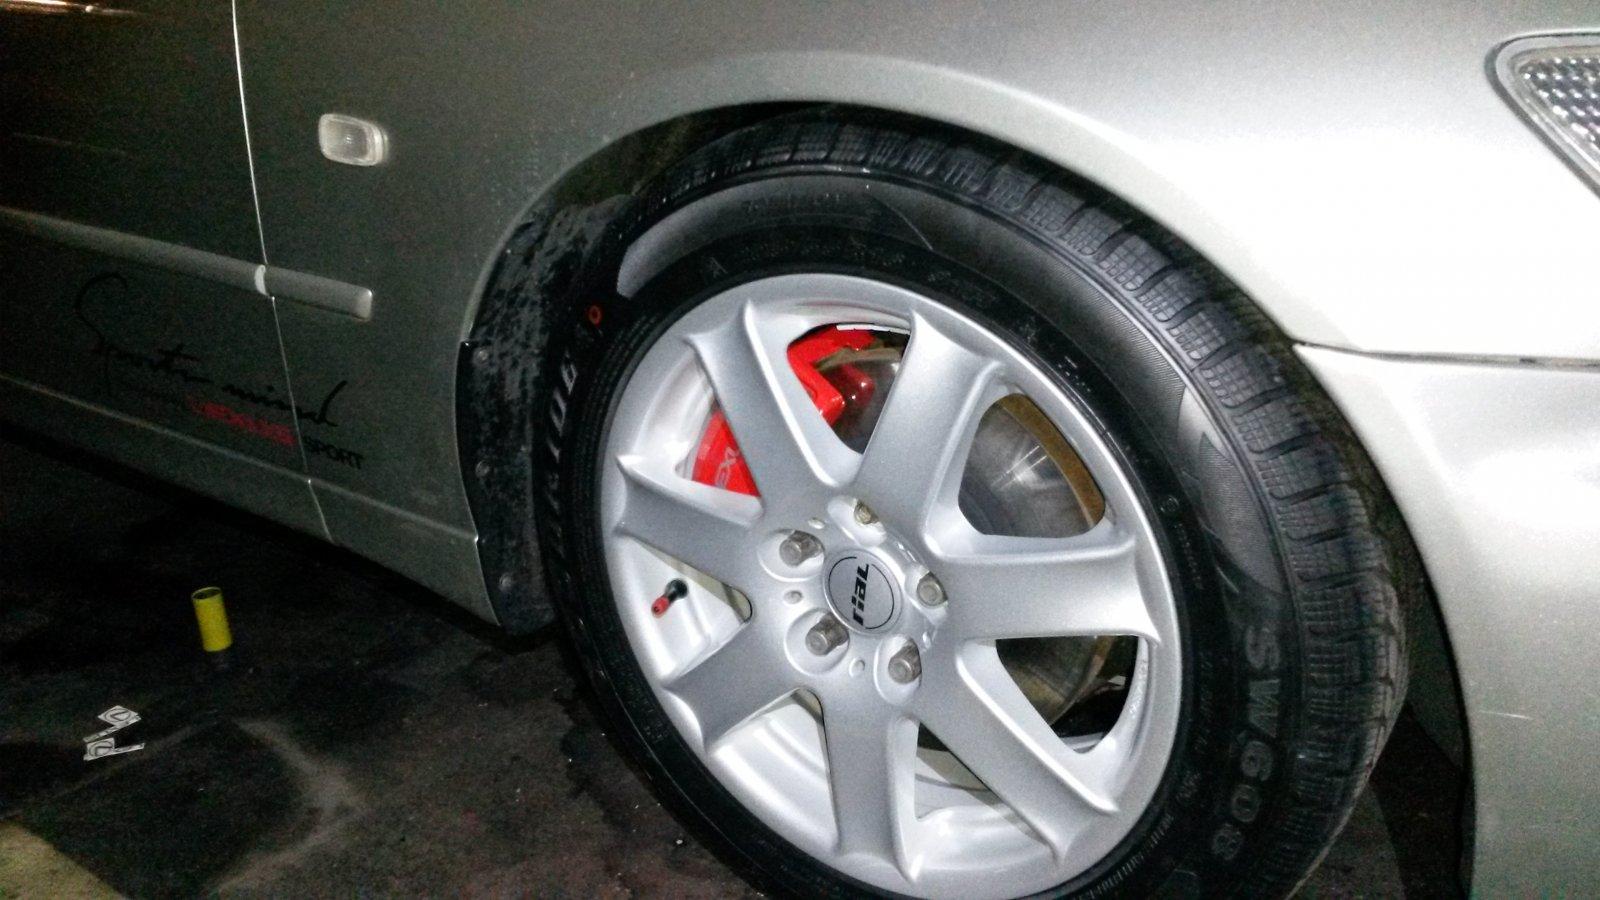 Bremssattel neu lackiert, Winterschlappen drauf und endlich nicht rostende Schrauben am Radhaus